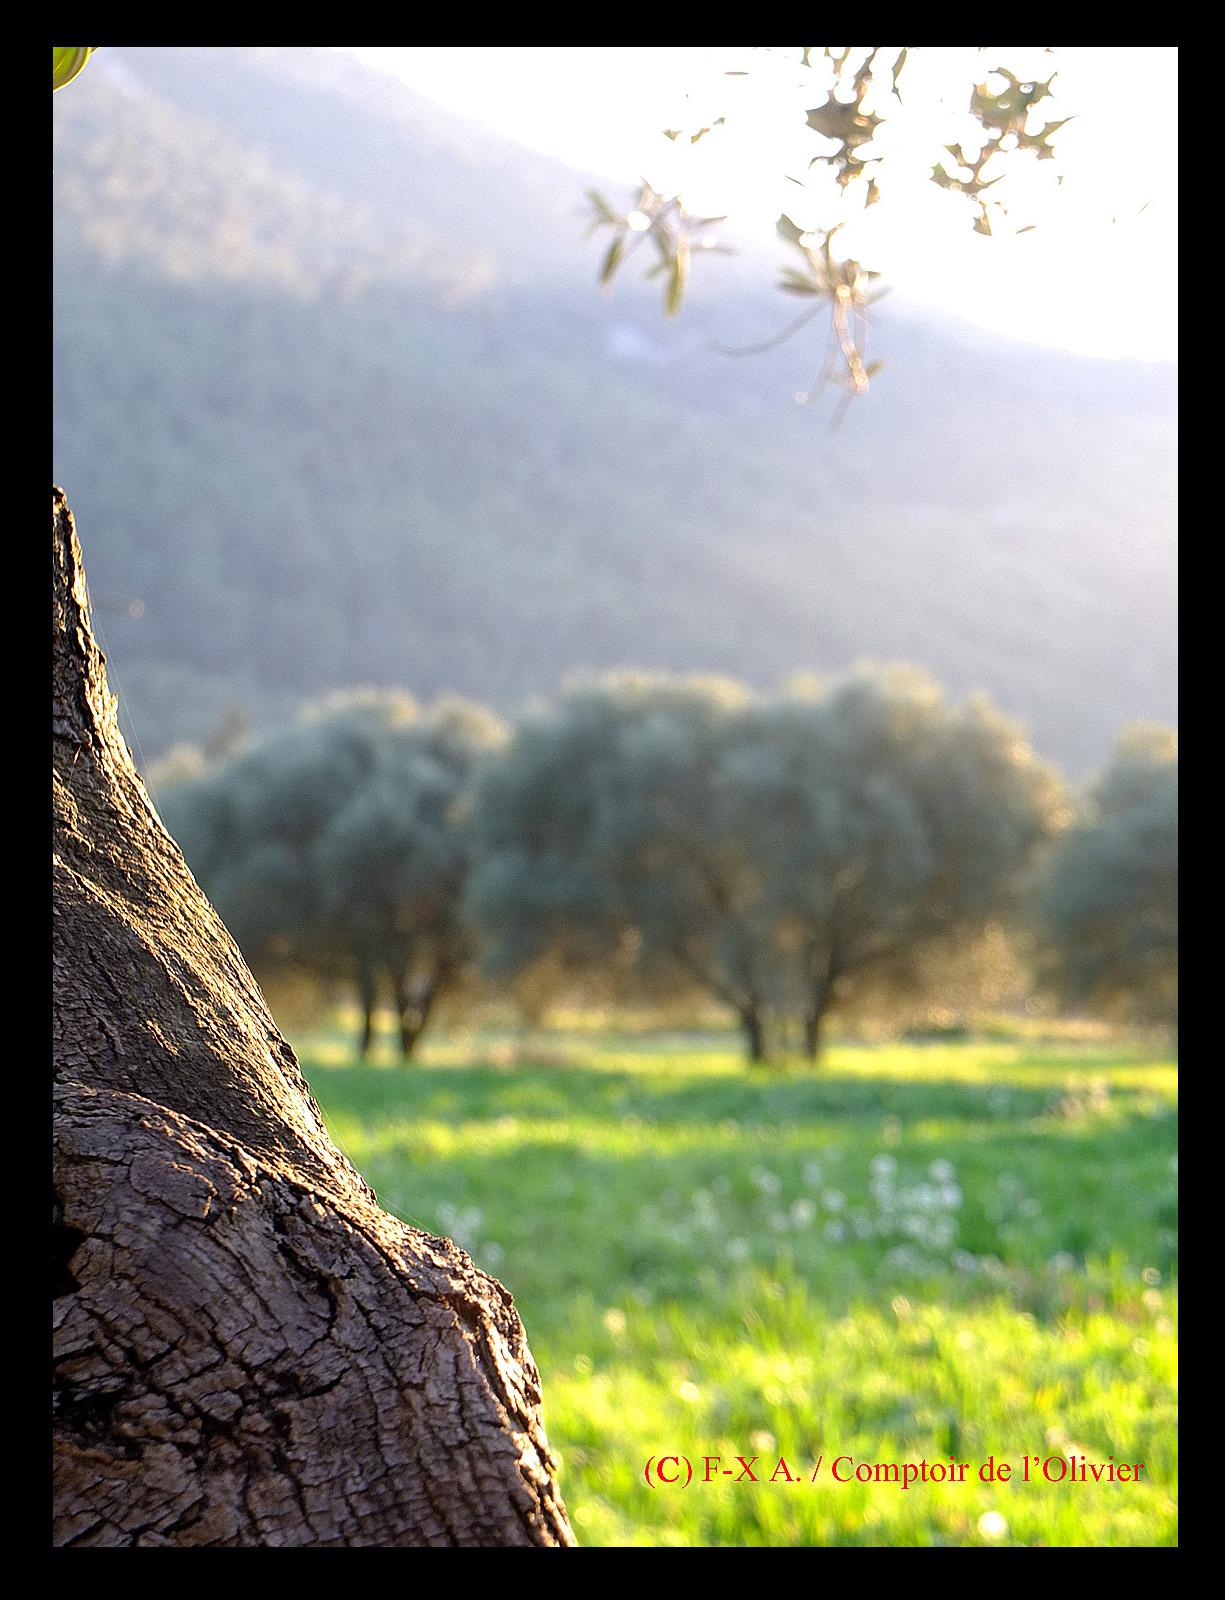 Dans la lumière irisante du couchant, l'oliveraie de Gémenos du Comptoir de l'Olivier.